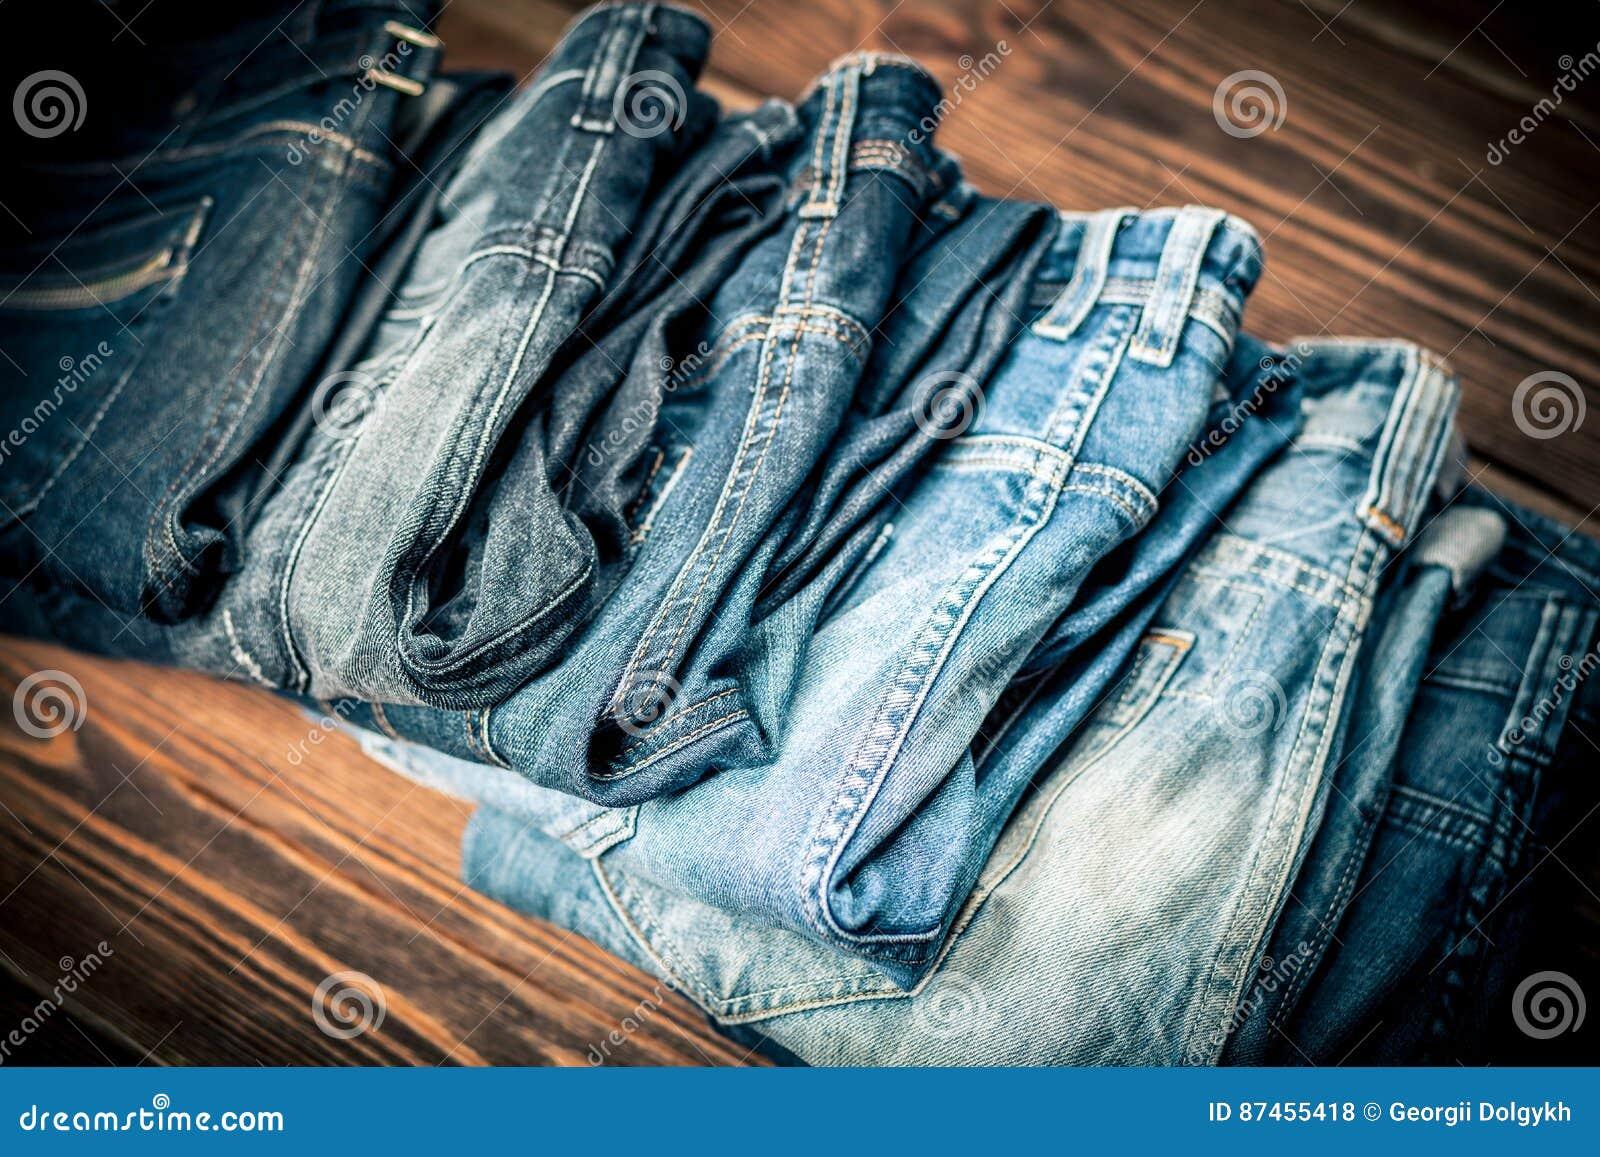 Pila de pantalones vaqueros